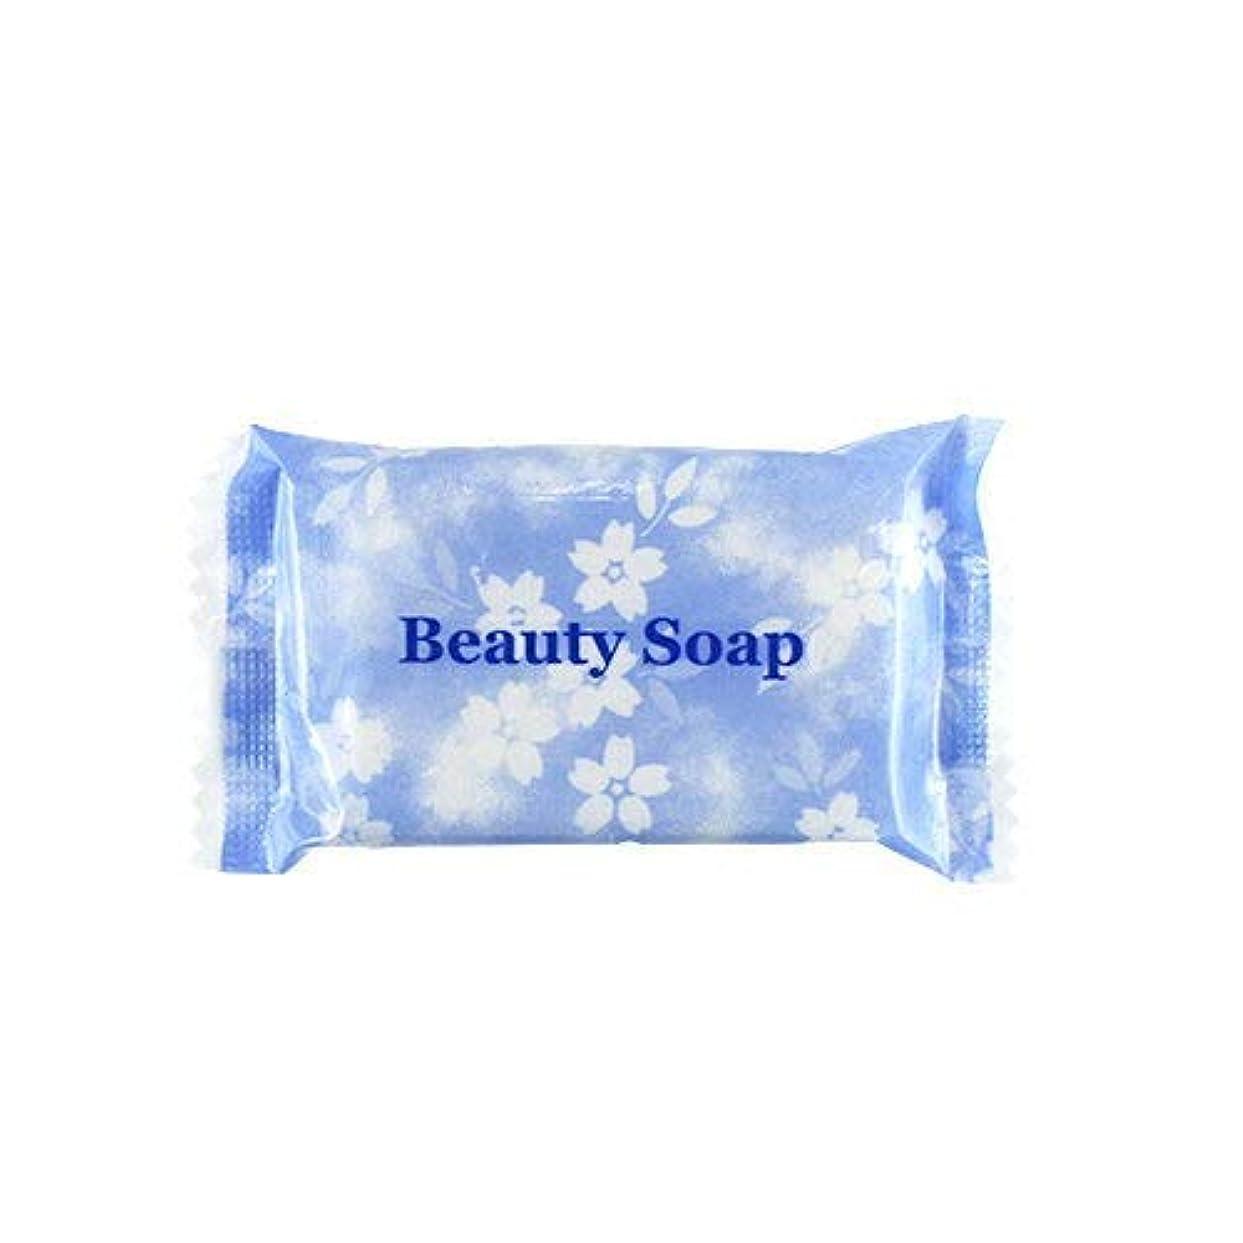 実質的に付けるオペレーター業務用 クロバーコーポレーション ビューティーソープ(Beauty Soap) 15g×50個セット | ホテルアメニティ 個包装